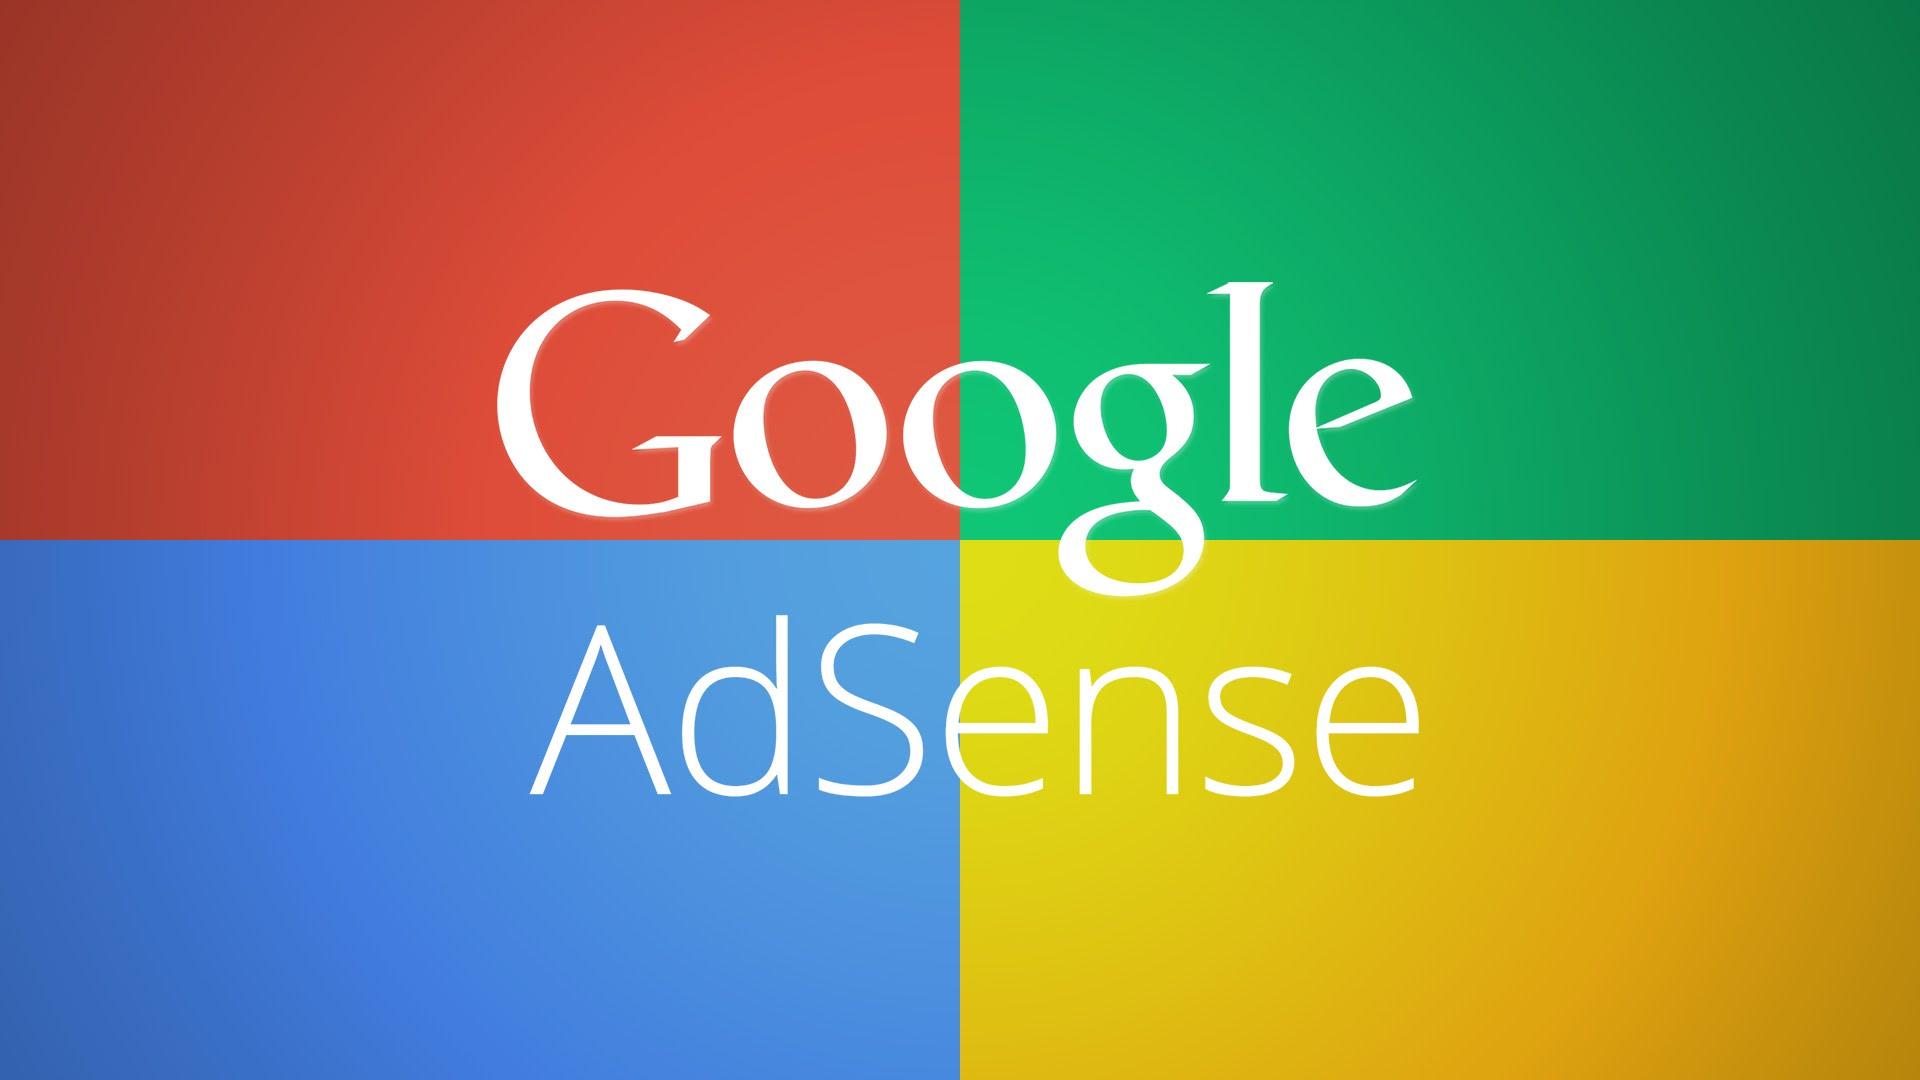 كل ما يجب أن تعرفه عن جوجل ادسنس